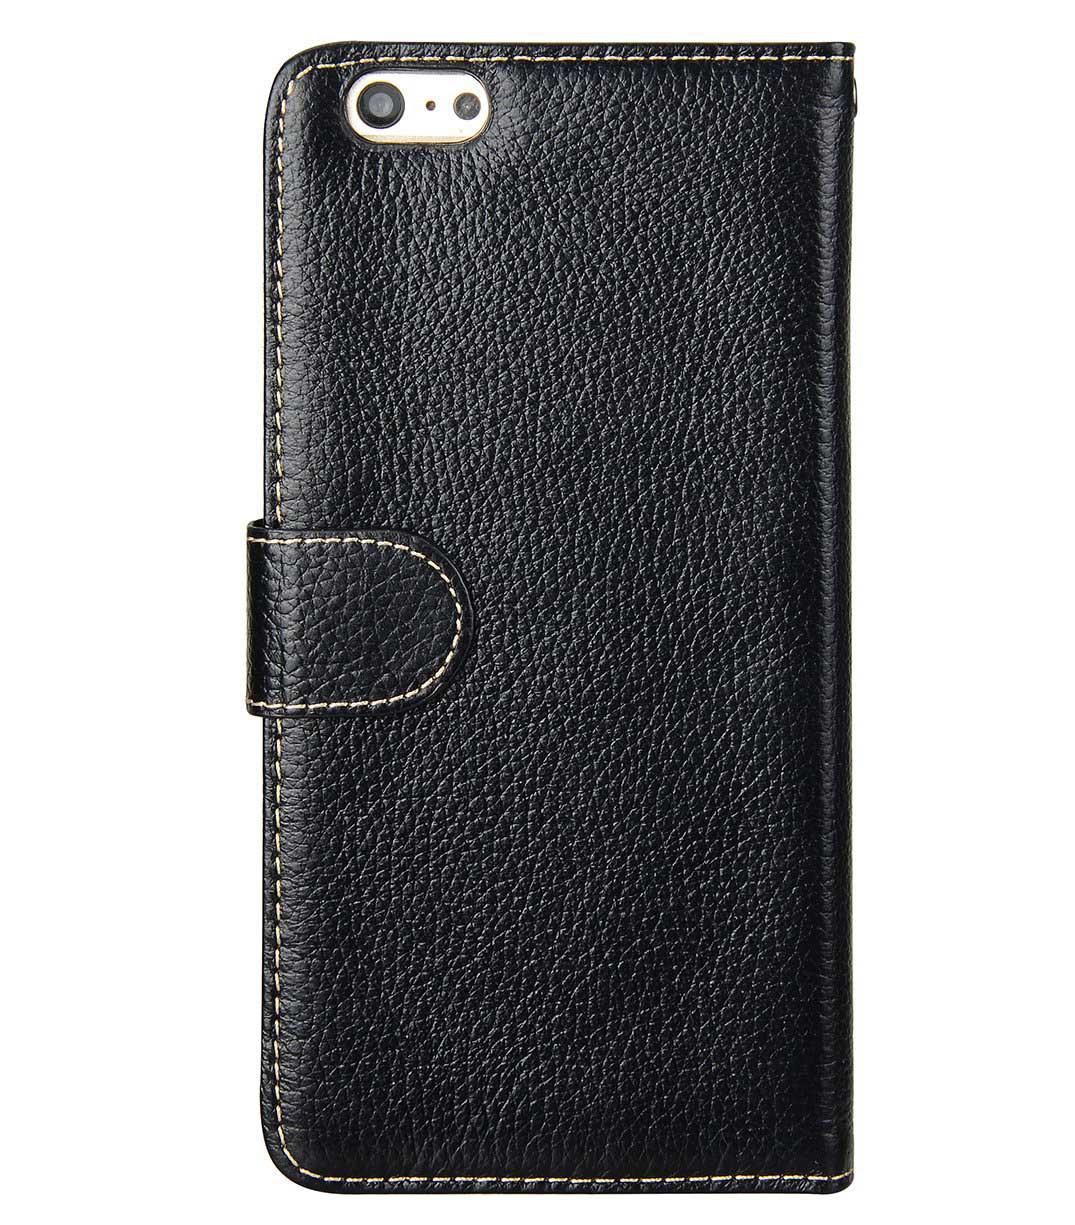 Кожаный чехол Melkco для iphone 6+ / 6s plus